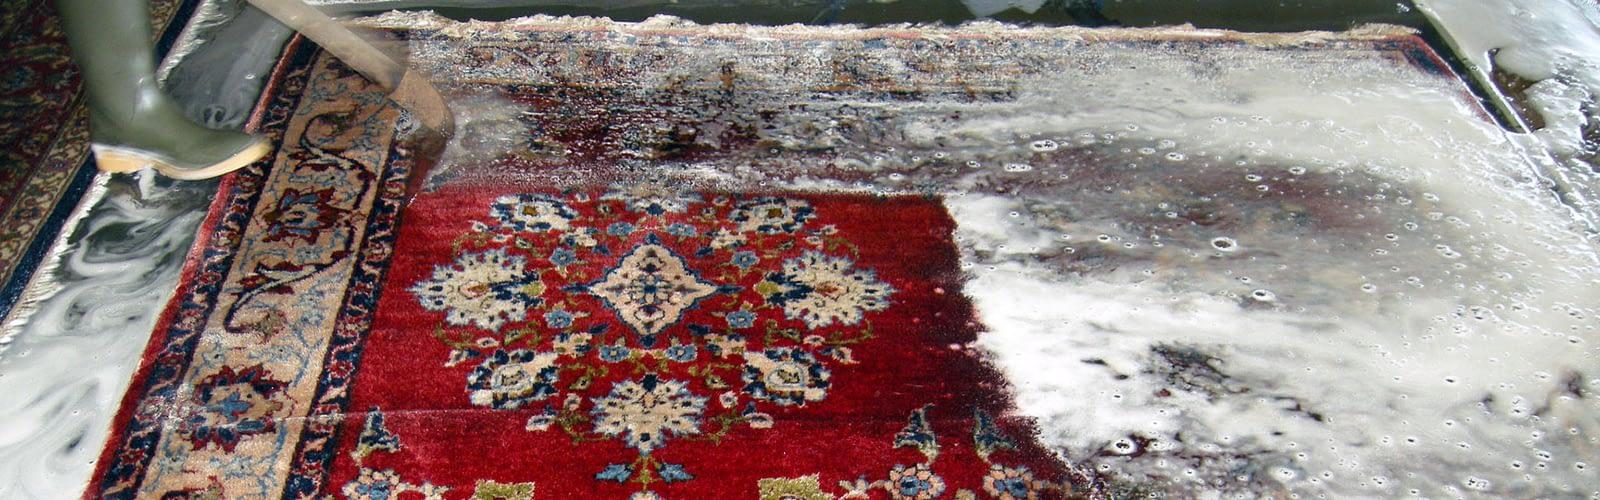 Lavaggio tappeti Milano